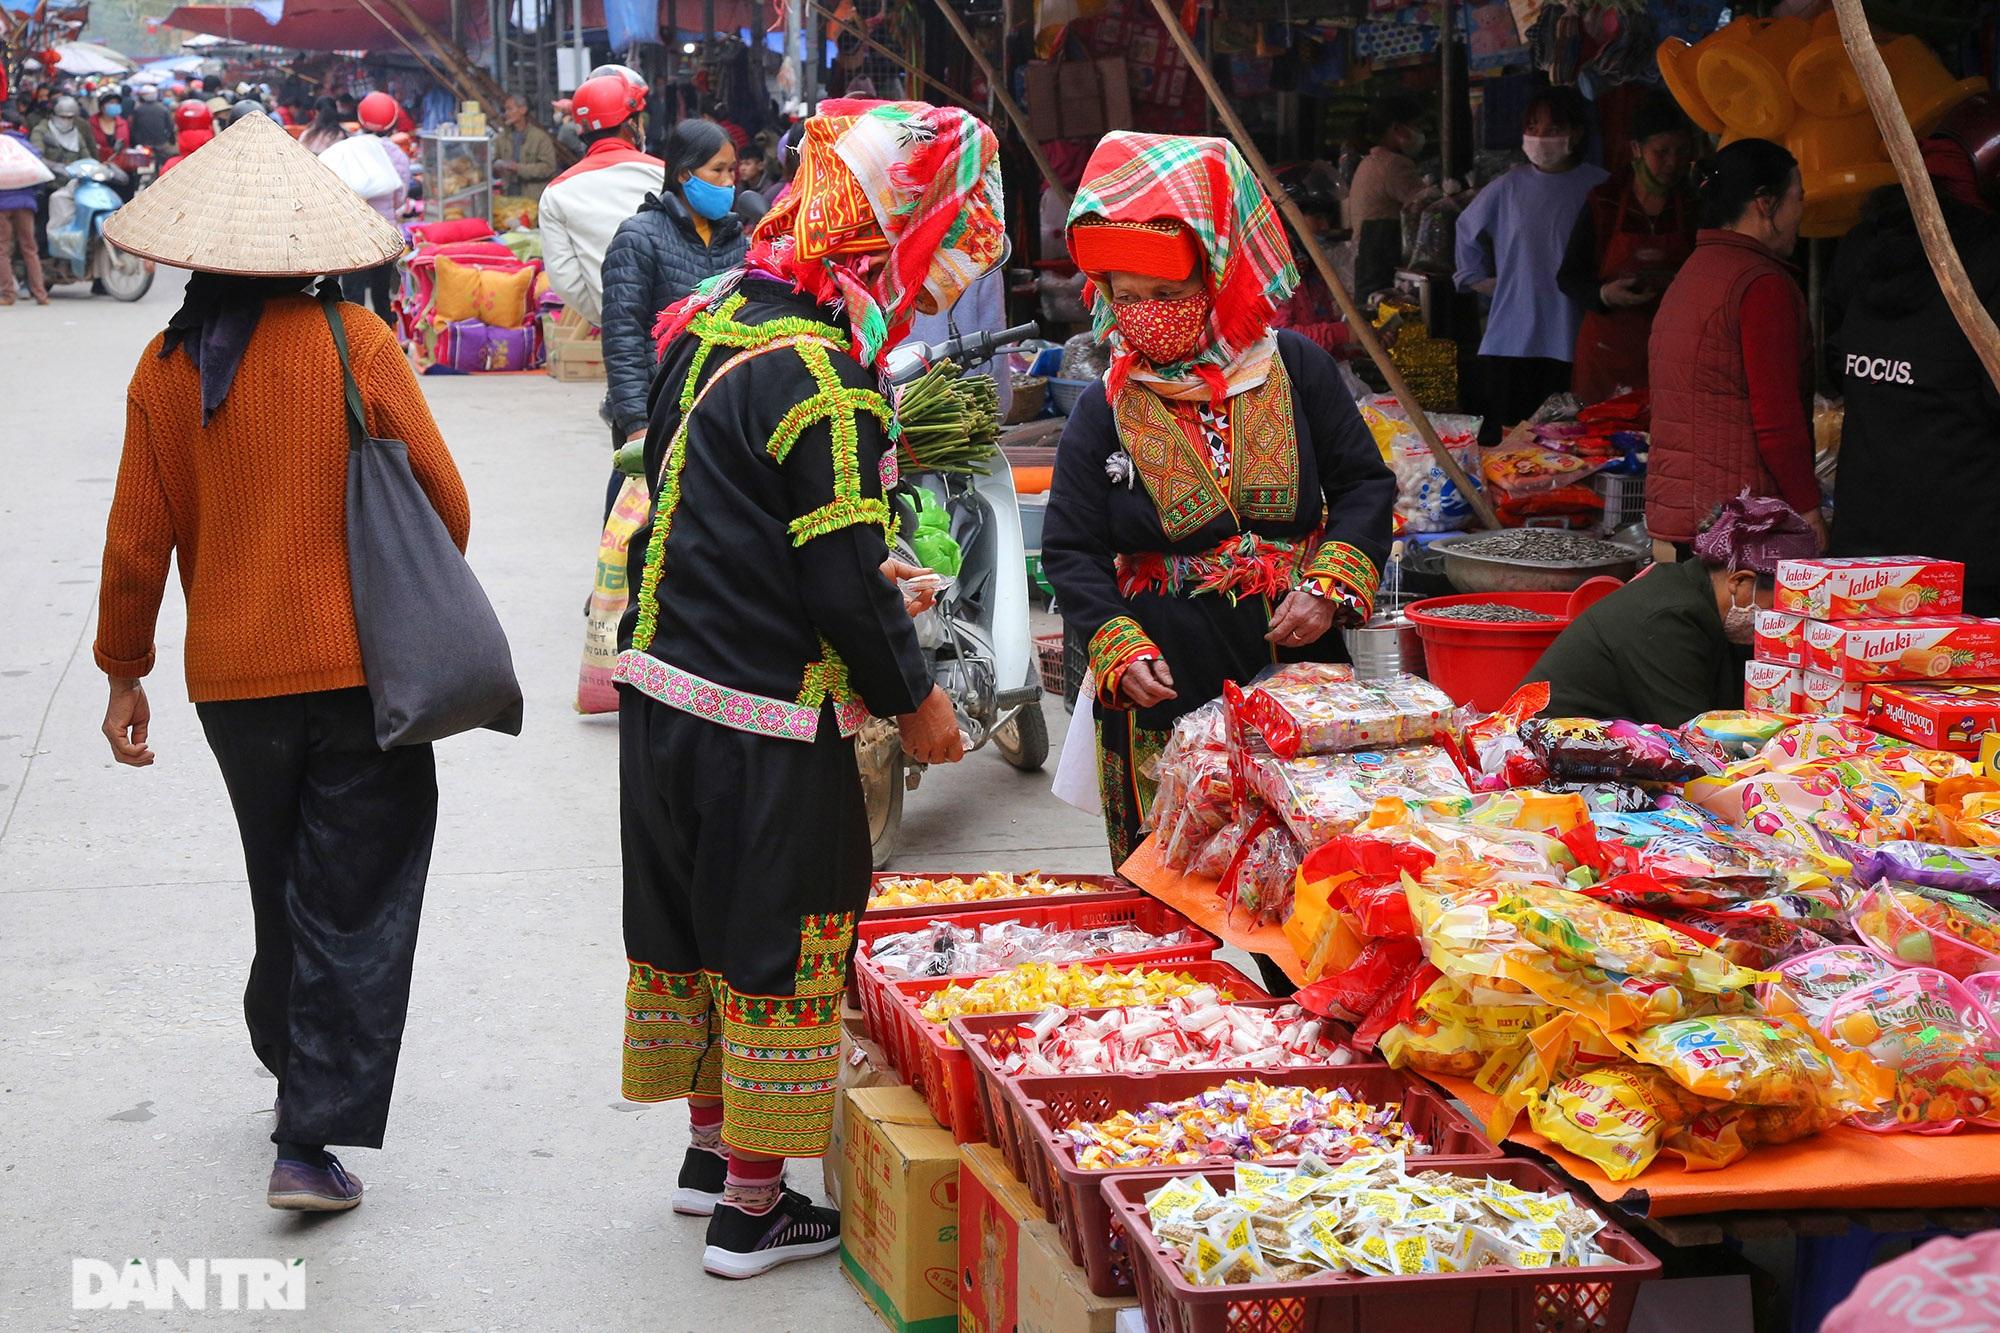 Người dân nhộn nhịp mua cờ tổ quốc về trang trí Tết ở phiên chợ cuối năm - 1